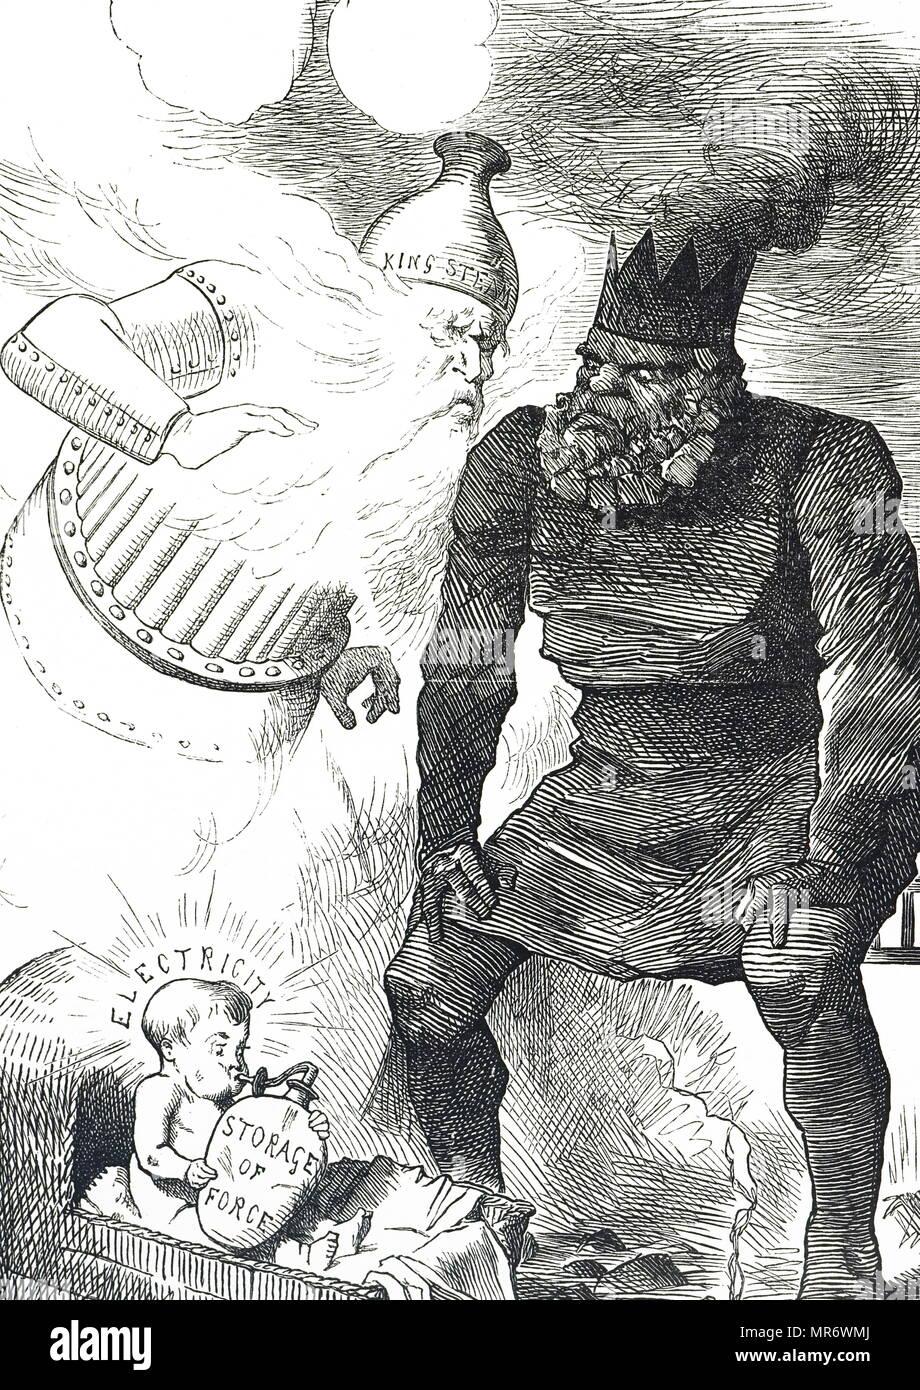 Cartoon commentant les débuts de l'électricité. Illustré par John Tenniel (1820-1914), un illustrateur anglais, graphique, humoriste et caricaturiste politique. En date du 19e siècle Photo Stock